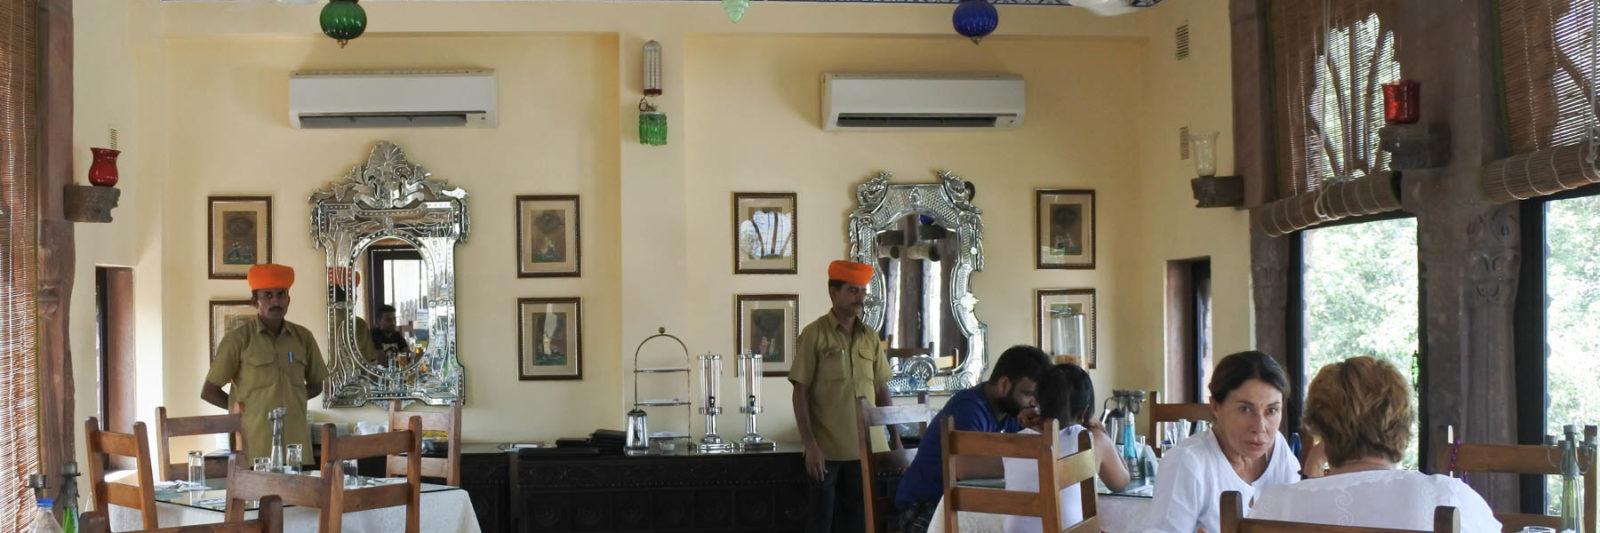 ジョードプルの邸宅レストラン Indiqueの店内